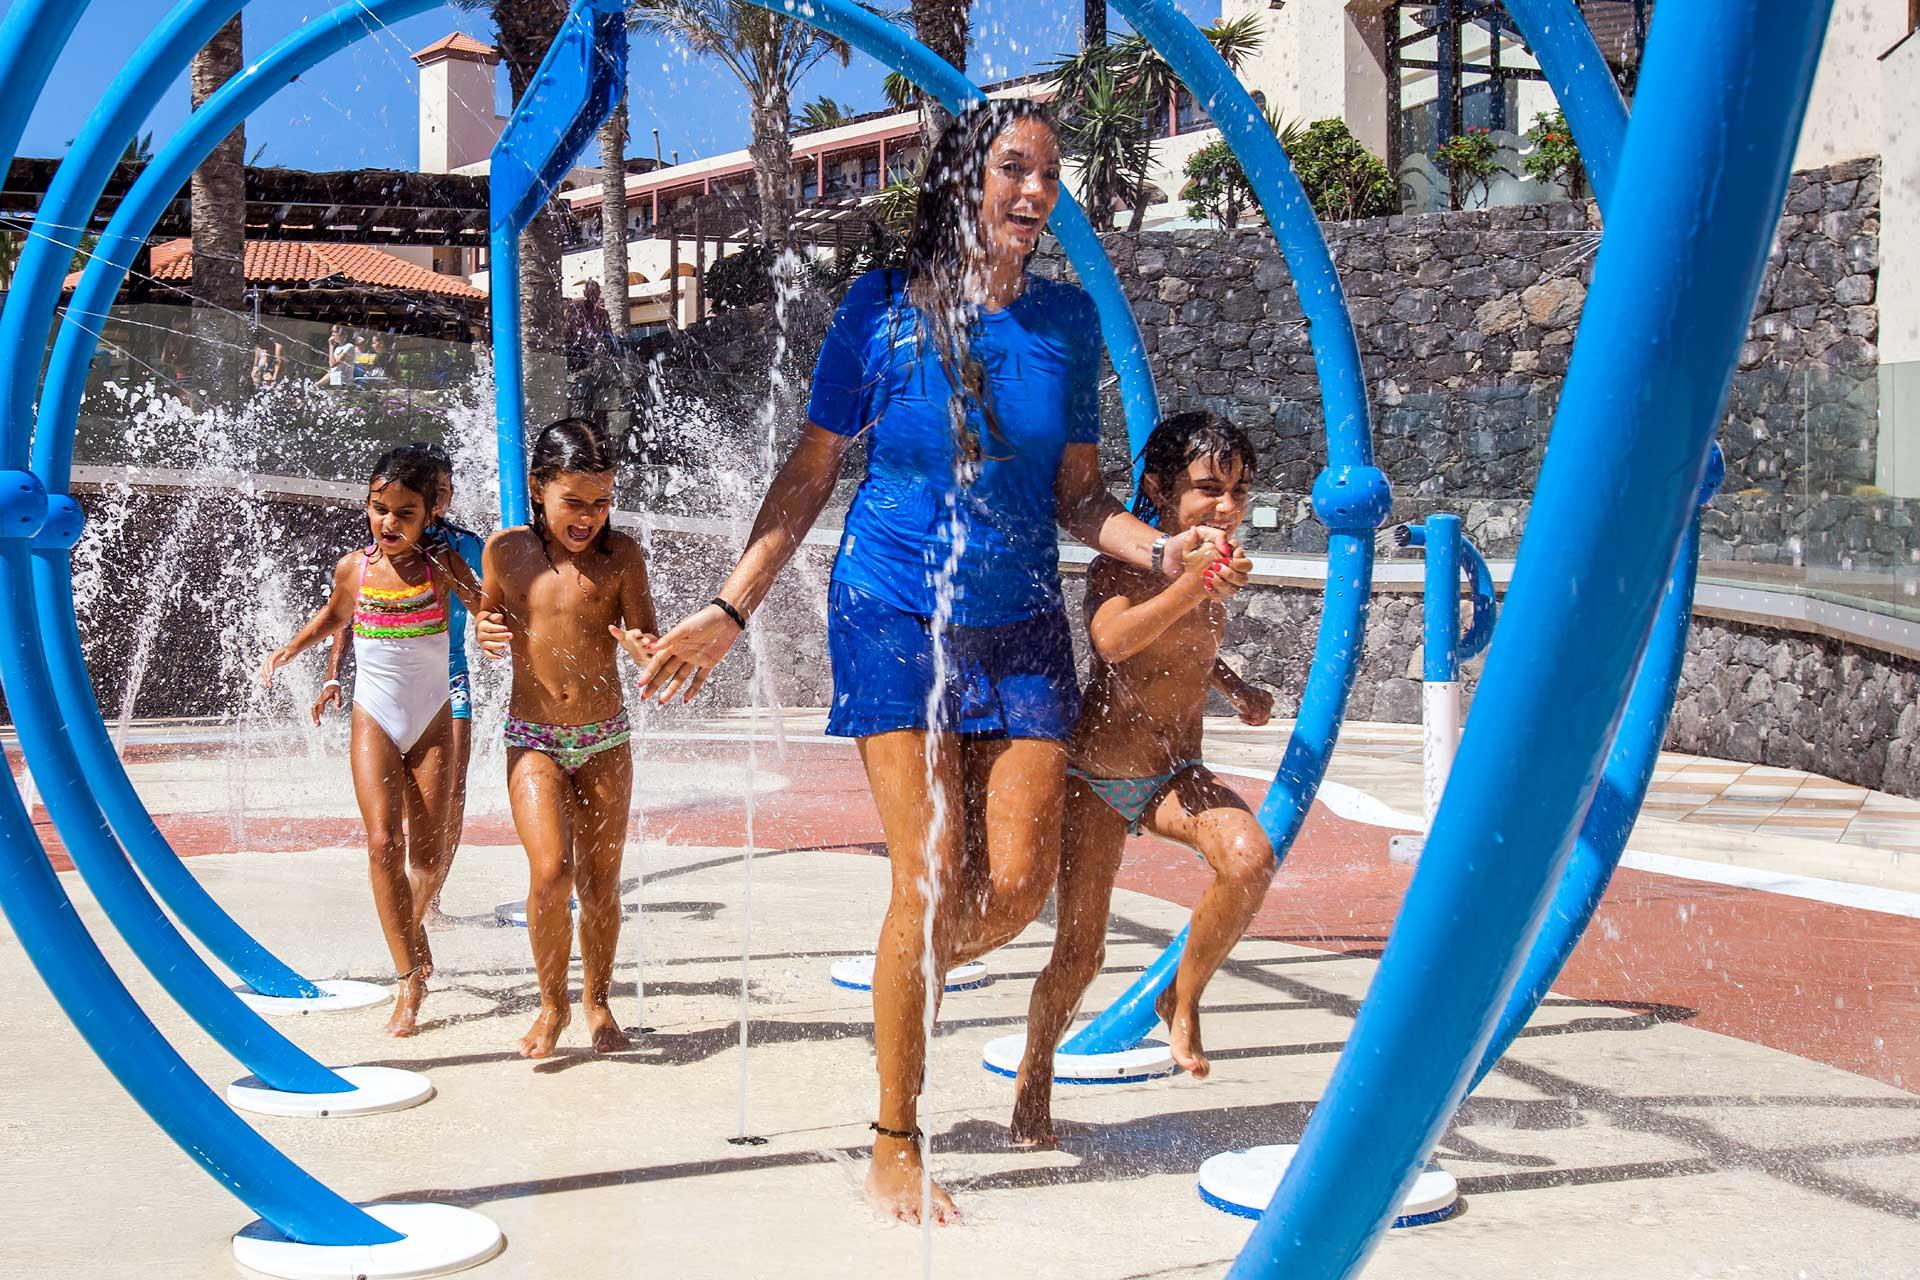 Que es un splashpark Isaba